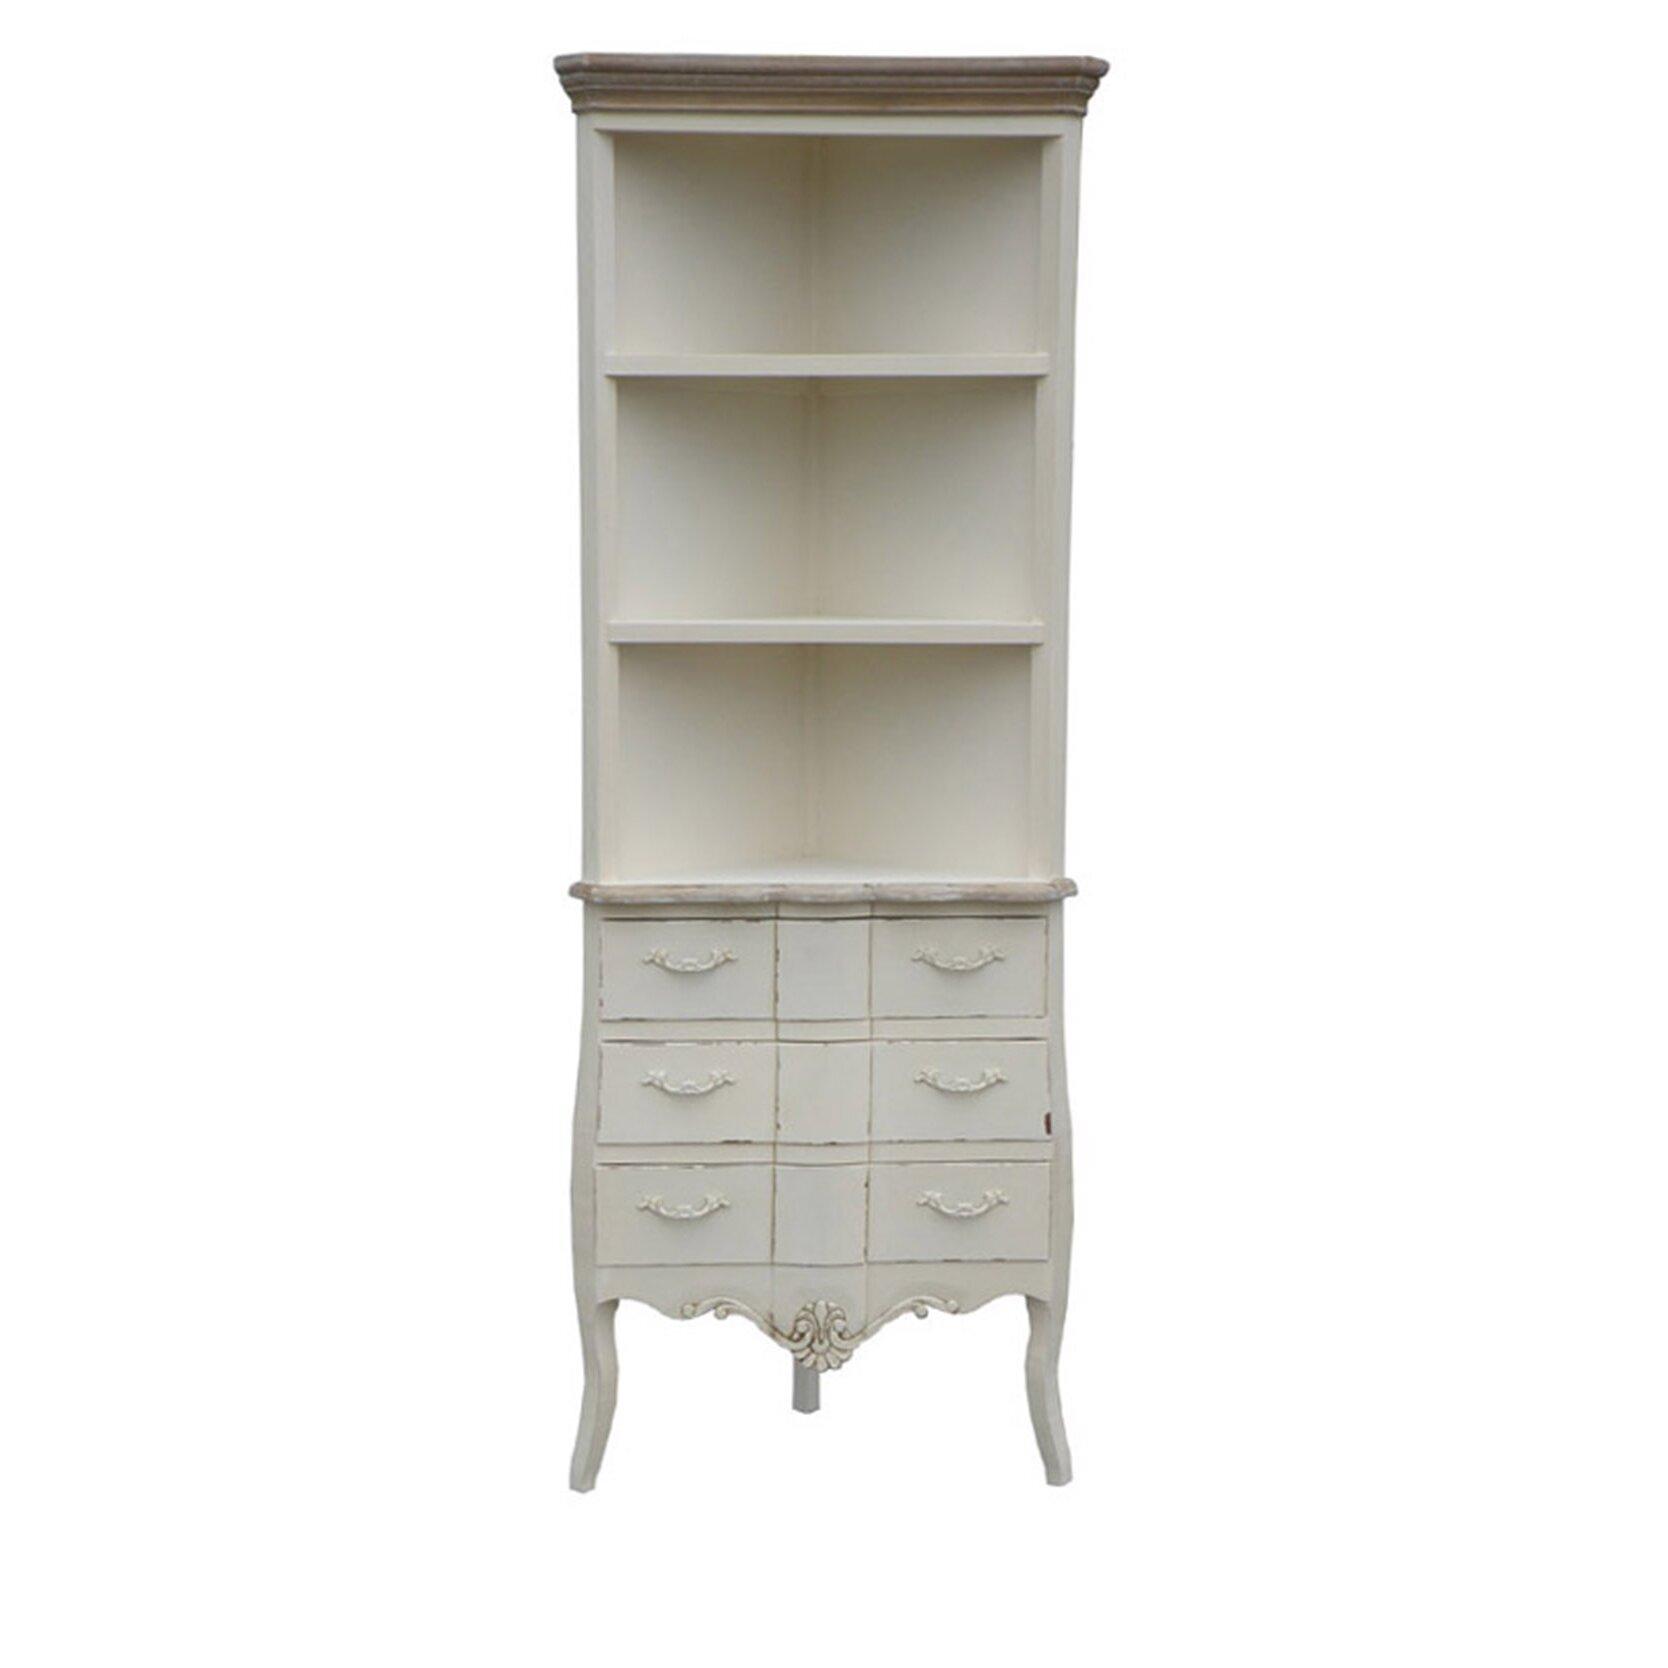 lily manor matis 3 drawer corner shelf accent cabinet. Black Bedroom Furniture Sets. Home Design Ideas